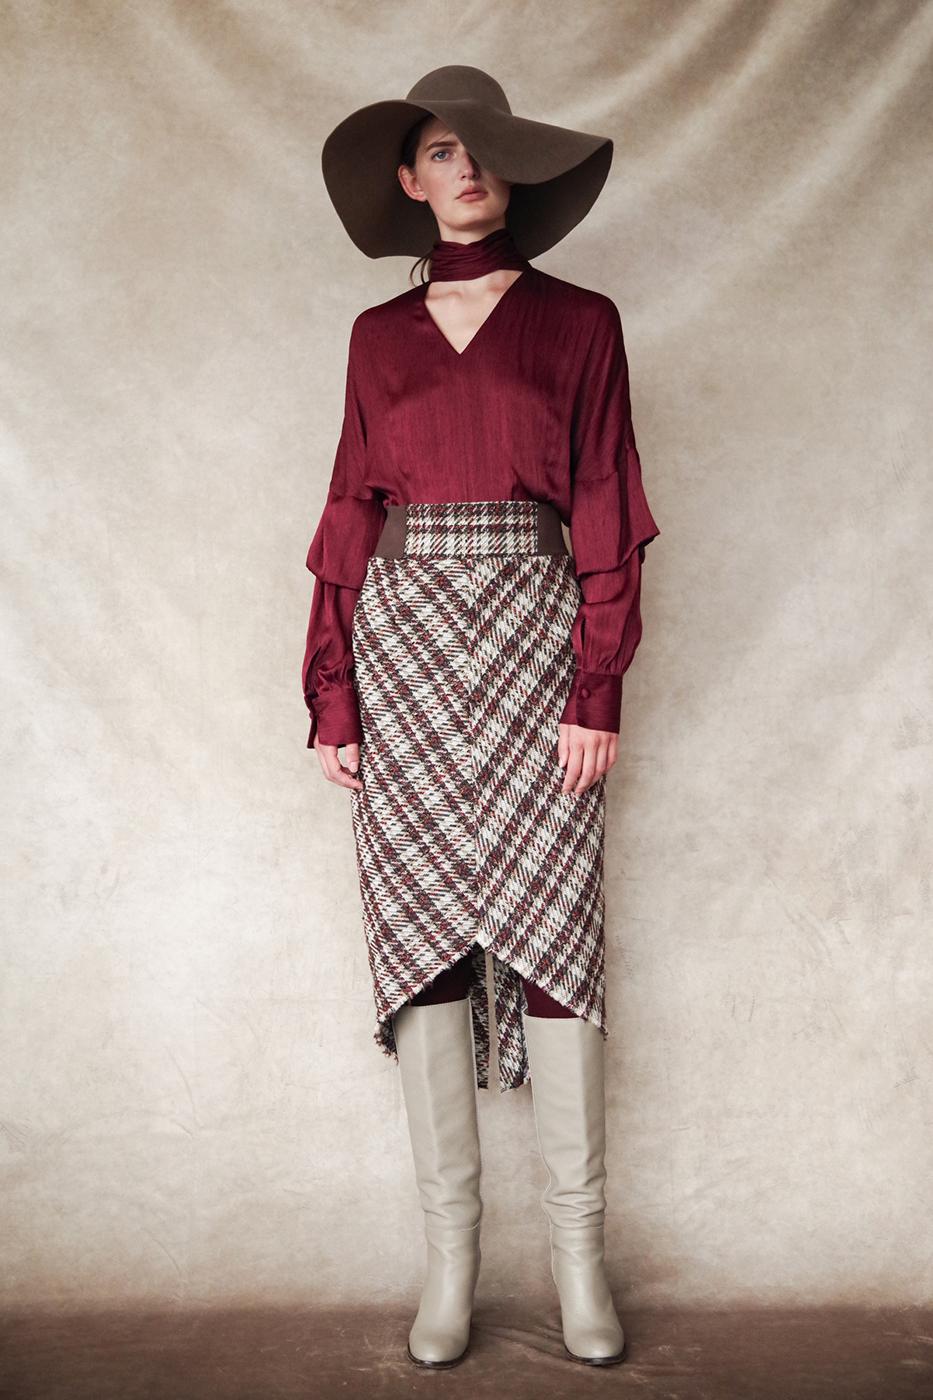 192045 Blouse ¥27,000, 192020 Skirt ¥30,000